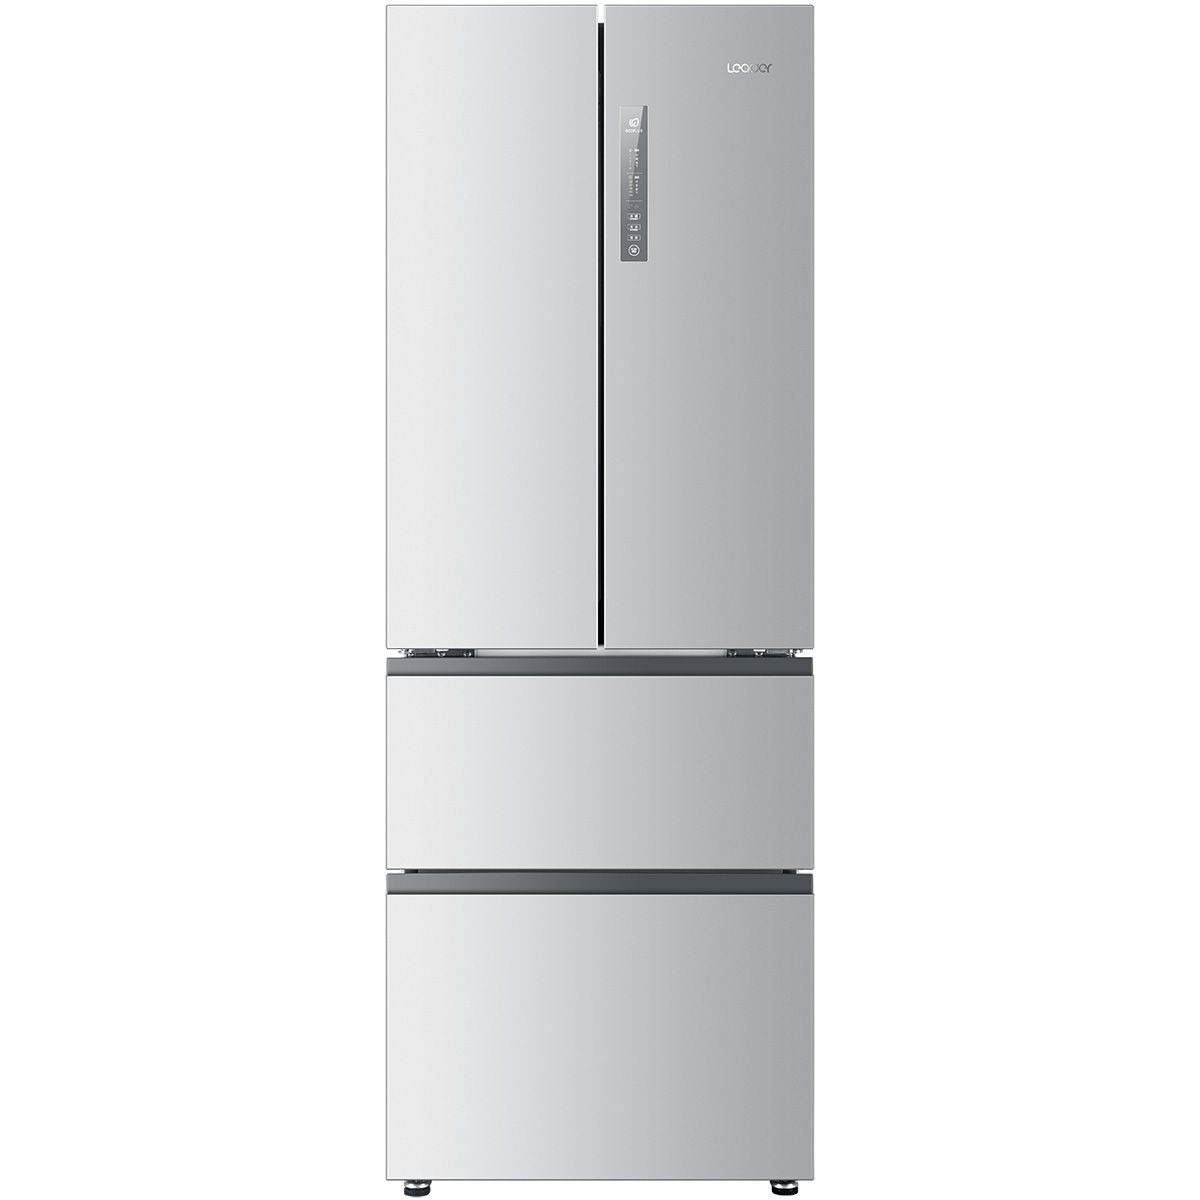 电冰箱国推ROHS认证检测